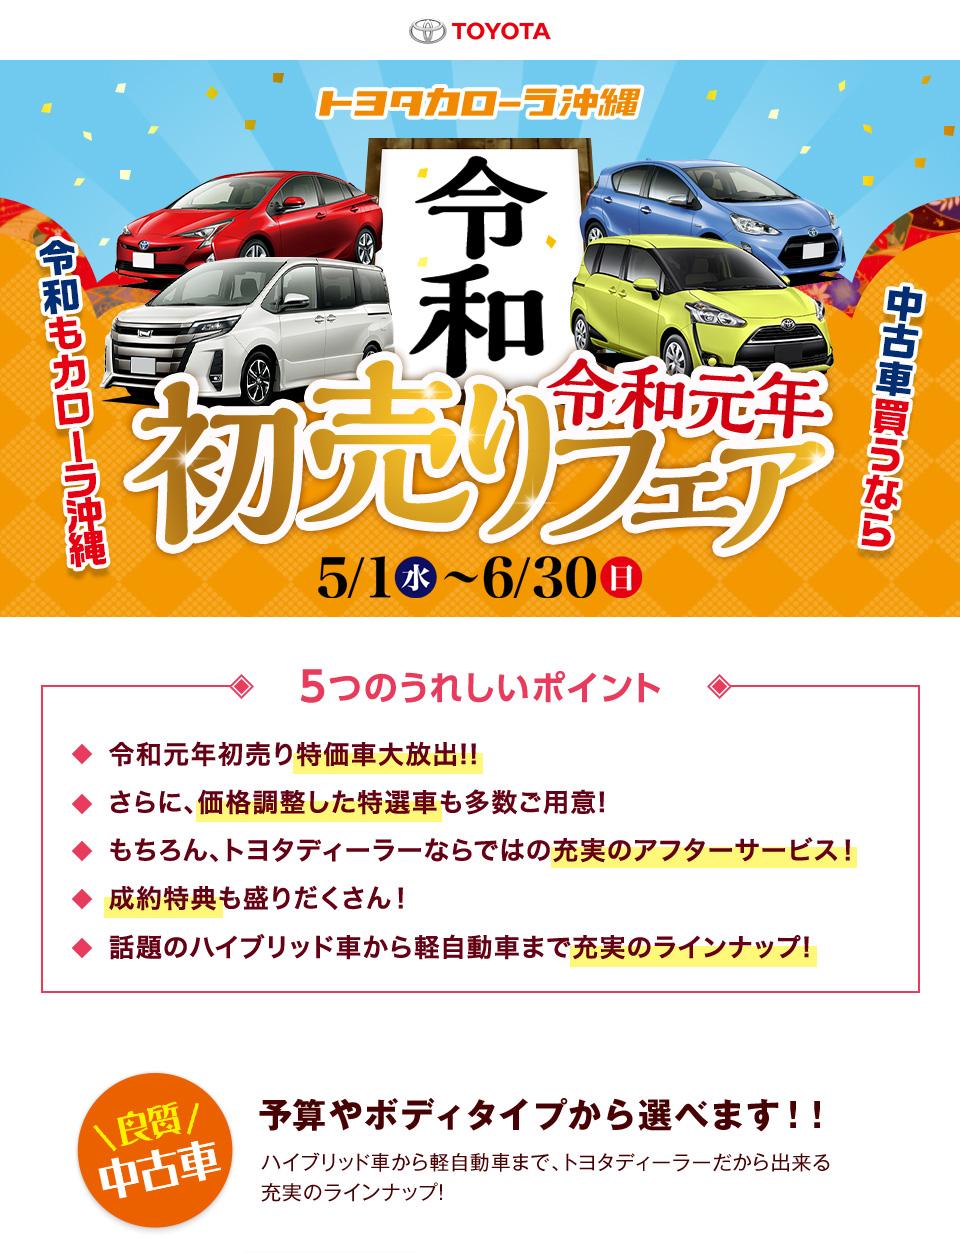 沖縄トヨタ 令和元年初売りフェア 2019年5月1日~6月30日まで開催!